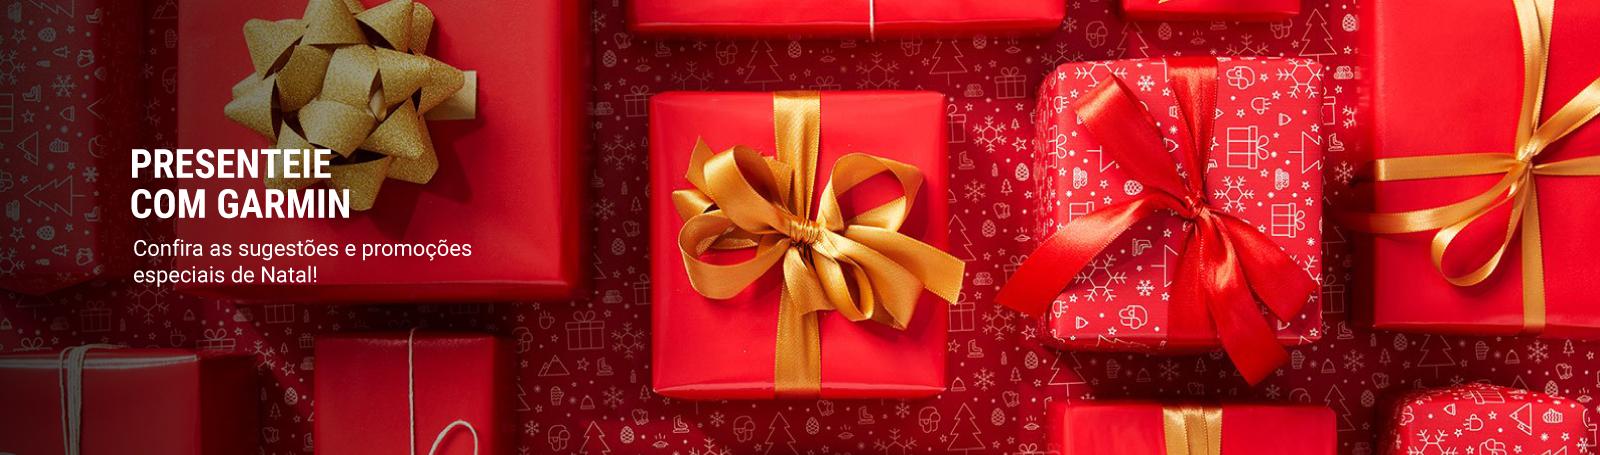 Presenteie com Garmin neste Natal